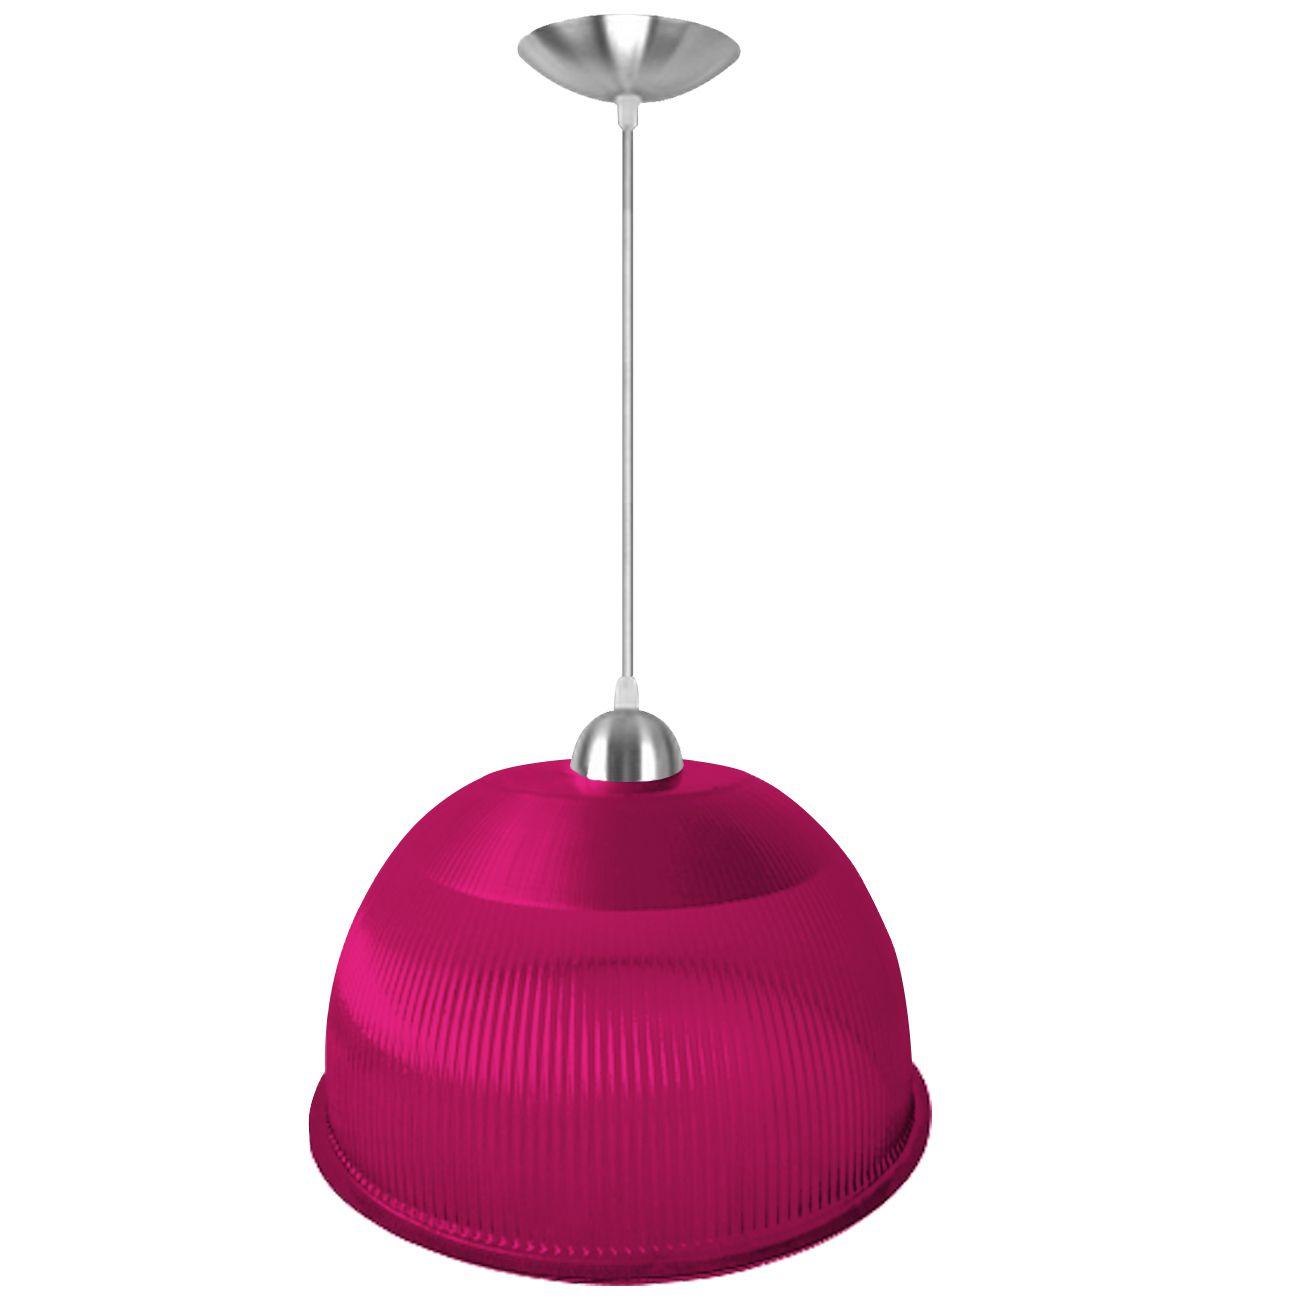 Luminária Pendente Prismática 12 Pol Rosa Acabamentos Alumínio Soquete E27 - L01-12RS/AL